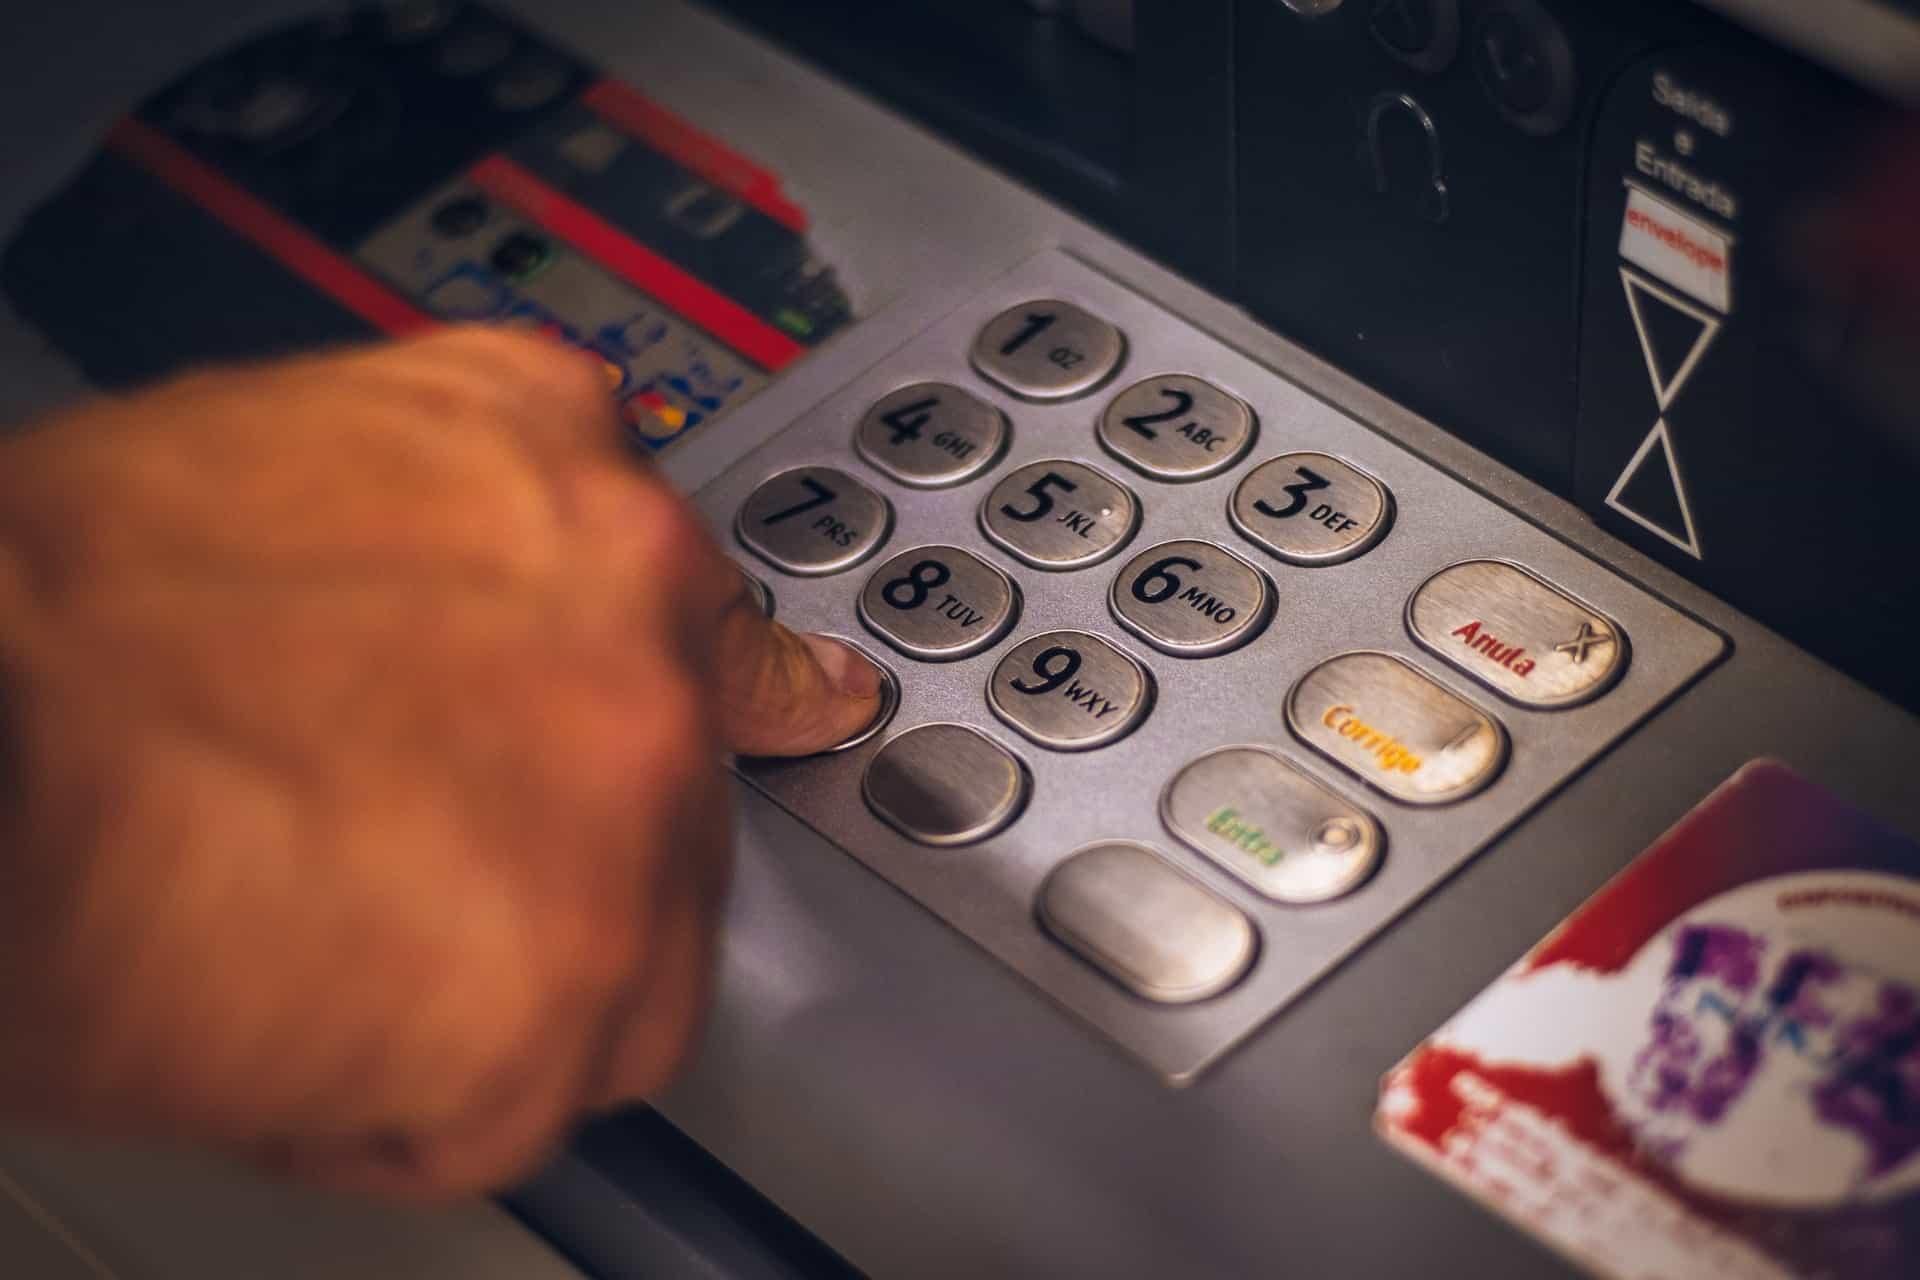 A abertura de uma conta bancária poderá tornar a vida financeira das pessoas mais prática